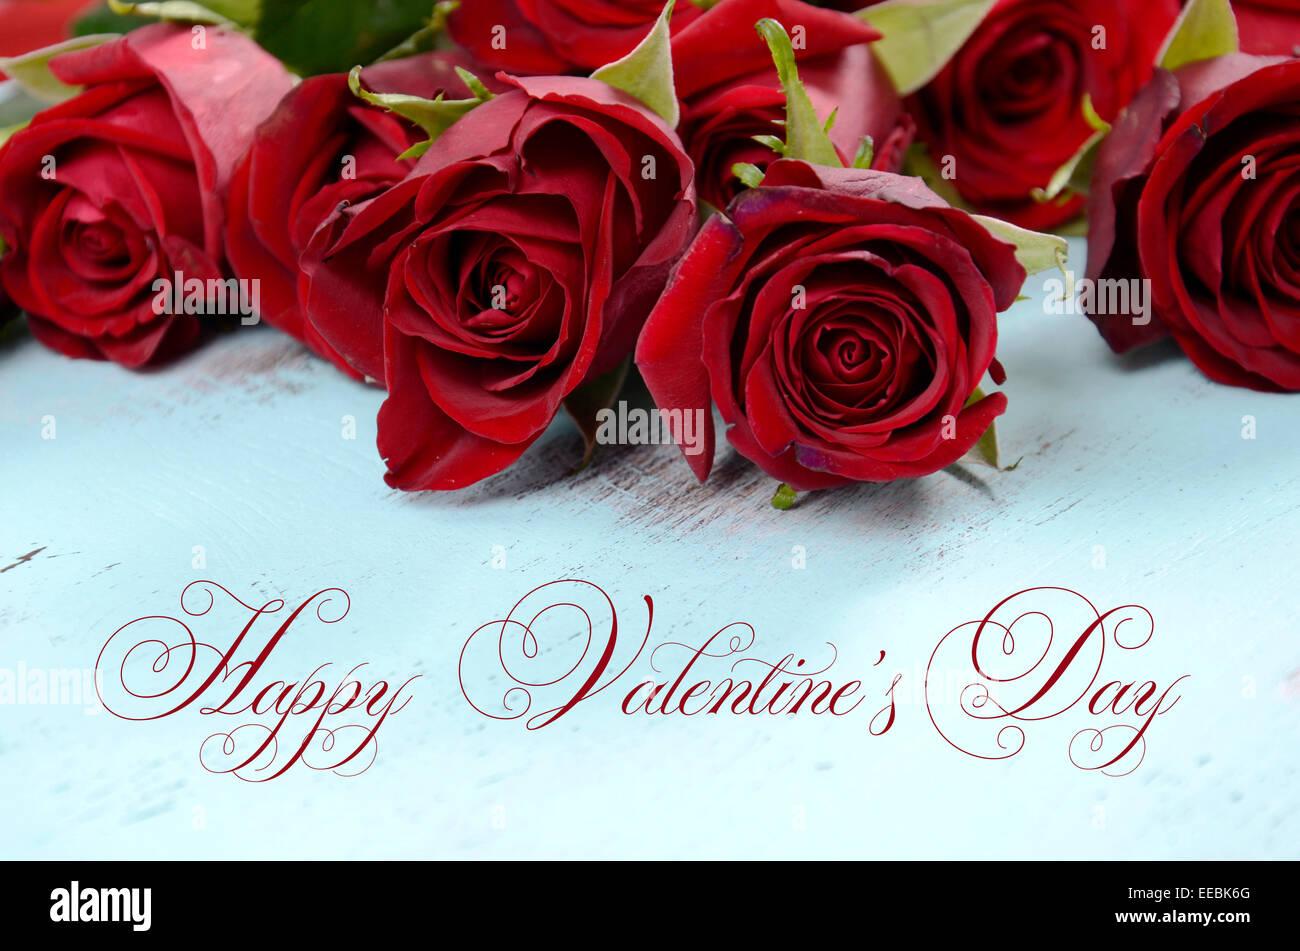 Vintage Rote Rosen Geschenk Für Valentinstag Geburtstag Oder